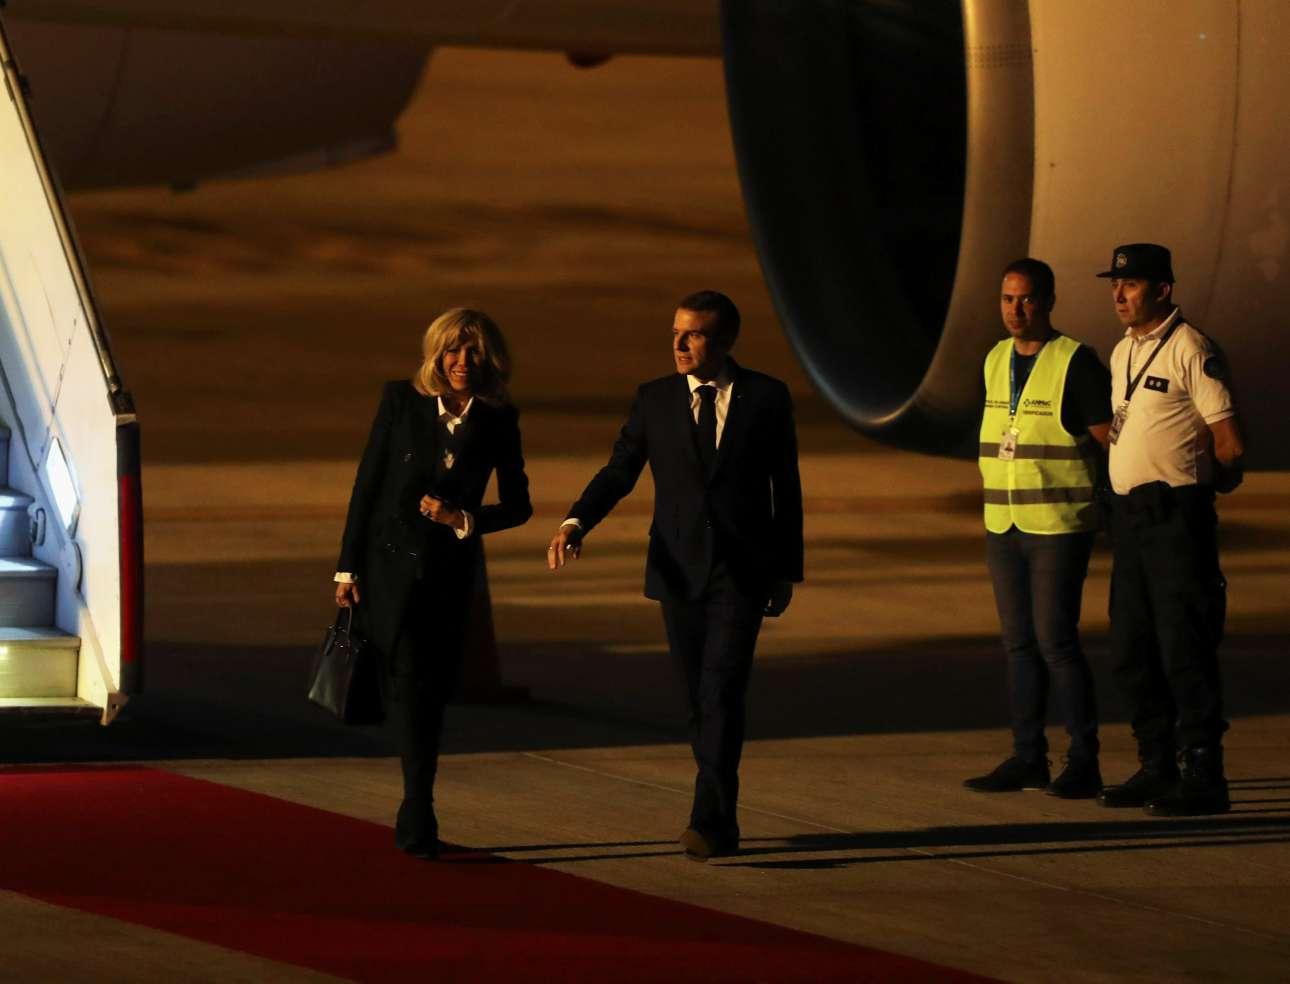 Εξαιτίας ενός λάθους, κανένας επίσημος δεν περίμενε τον Εμανουέλ Μακρόν και τη σύζυγό του στο αεροδρόμιο - πέρα από υπαλλήλους με... κίτρινα γιλέκα